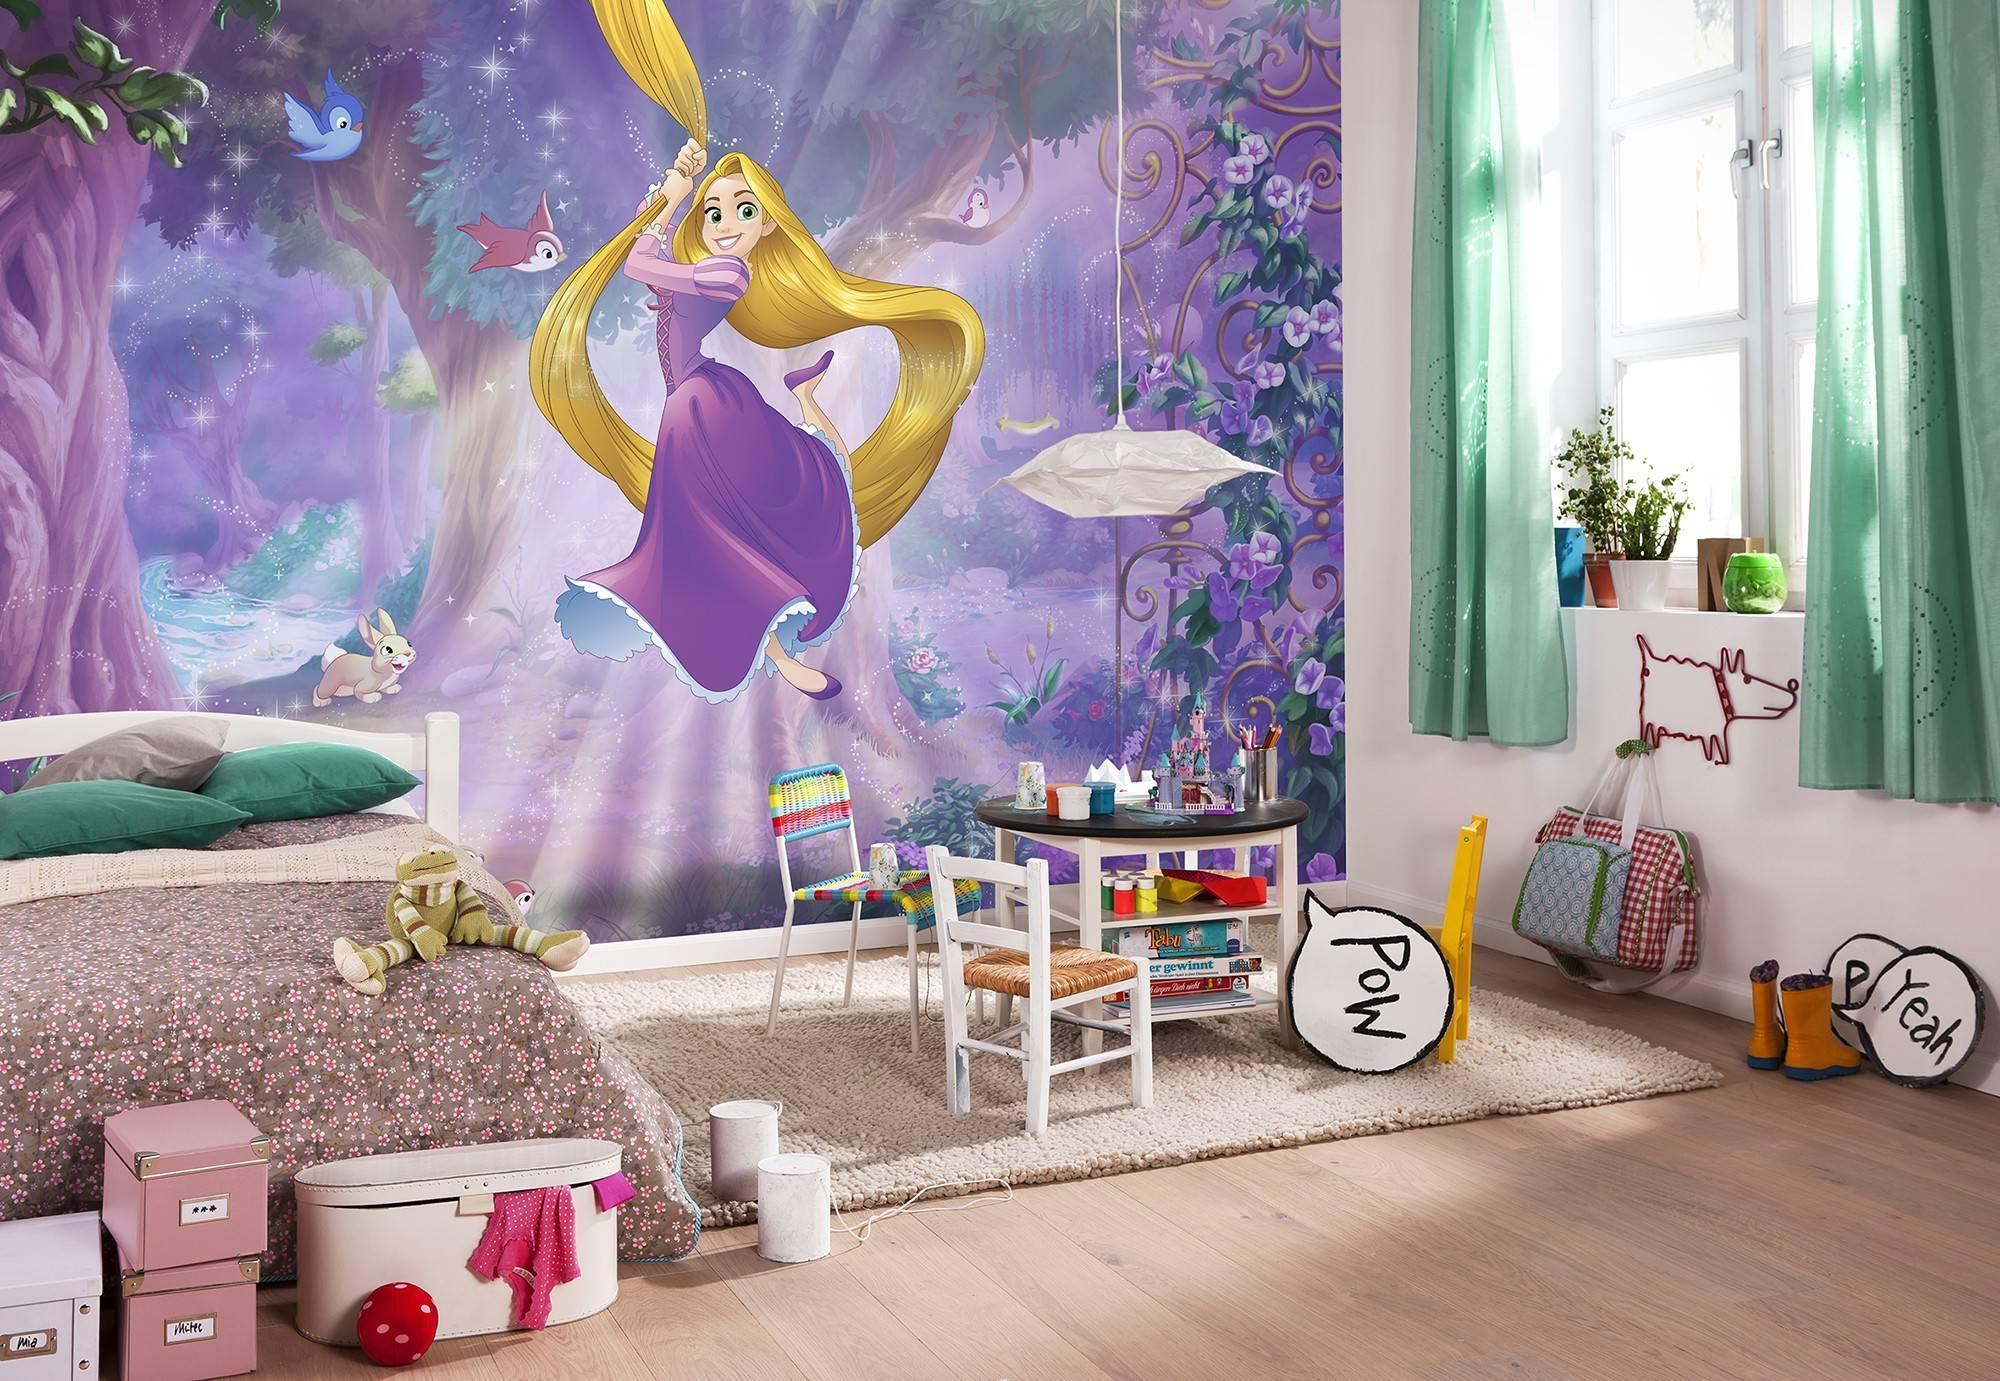 Детские обои для мальчиков: фотообои в интерьере, с тачками, кораблями, трансформерами | детская | vpolozhenii.com